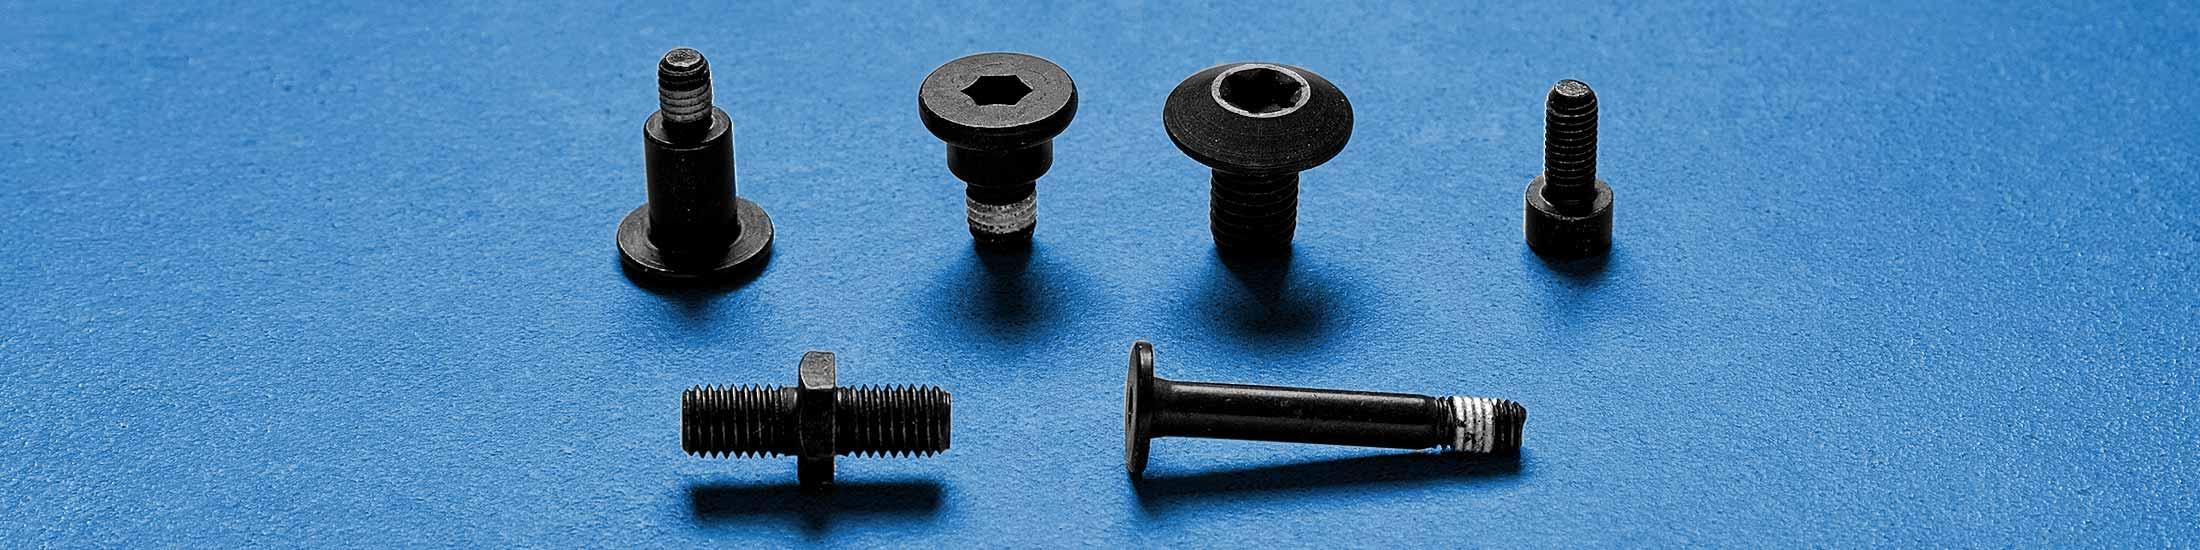 Schrauben schwarz beschichtet • Frey Schrauben GmbH